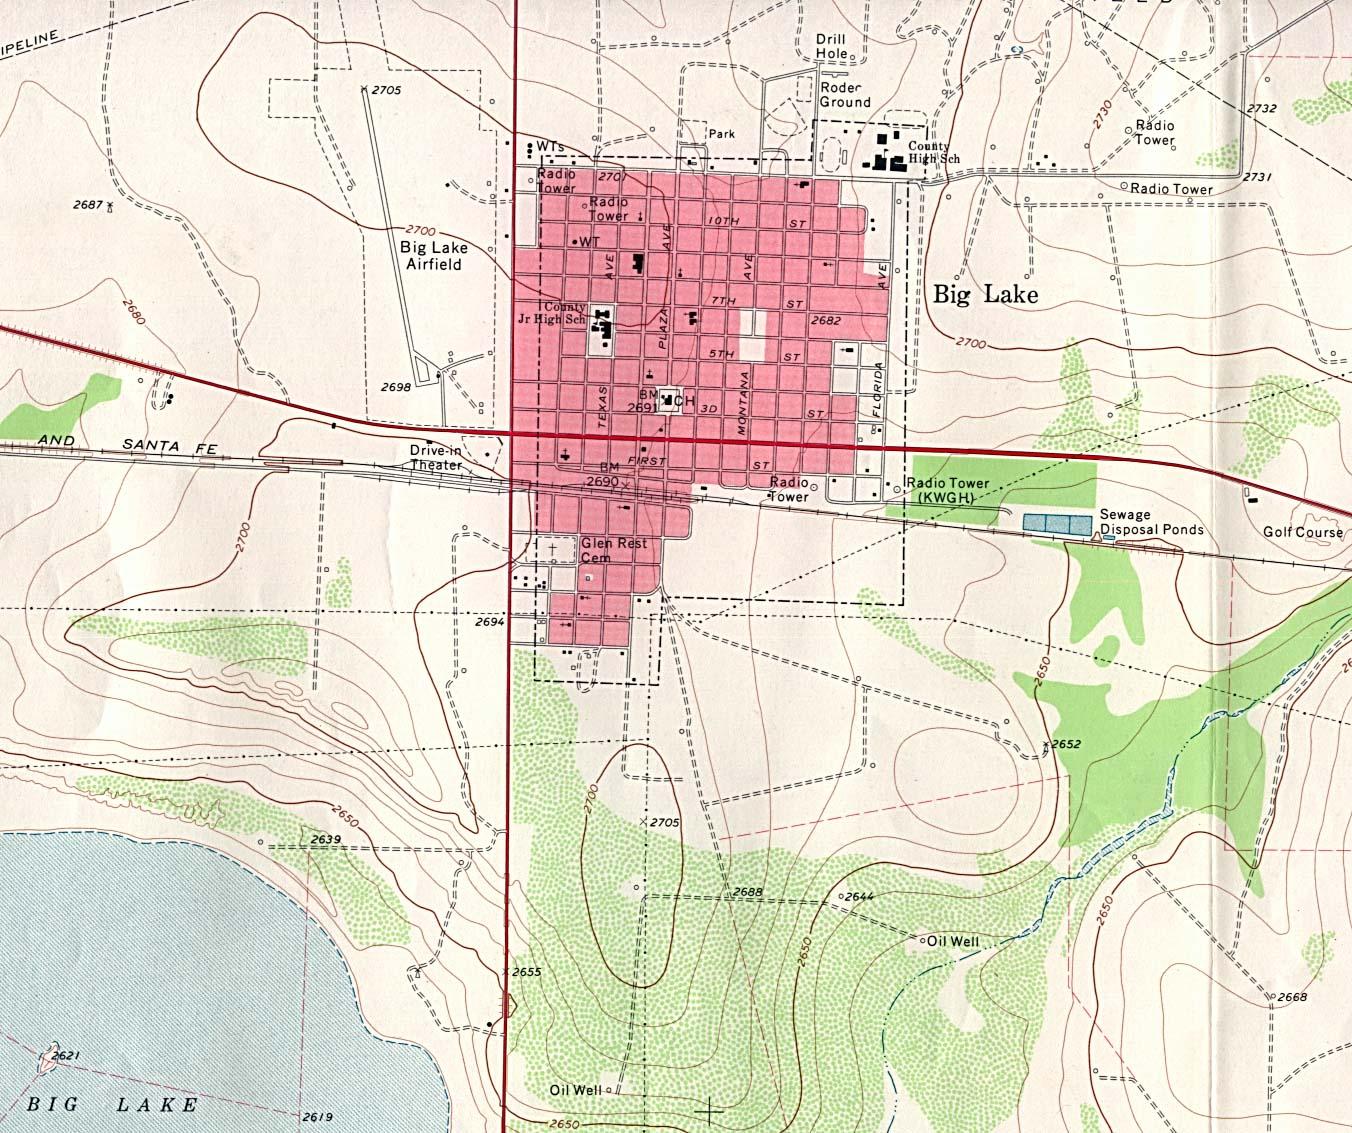 Big Lake - Topographic Map 1 24 000 U S G S  1971  349K   University    Pink Lake Map